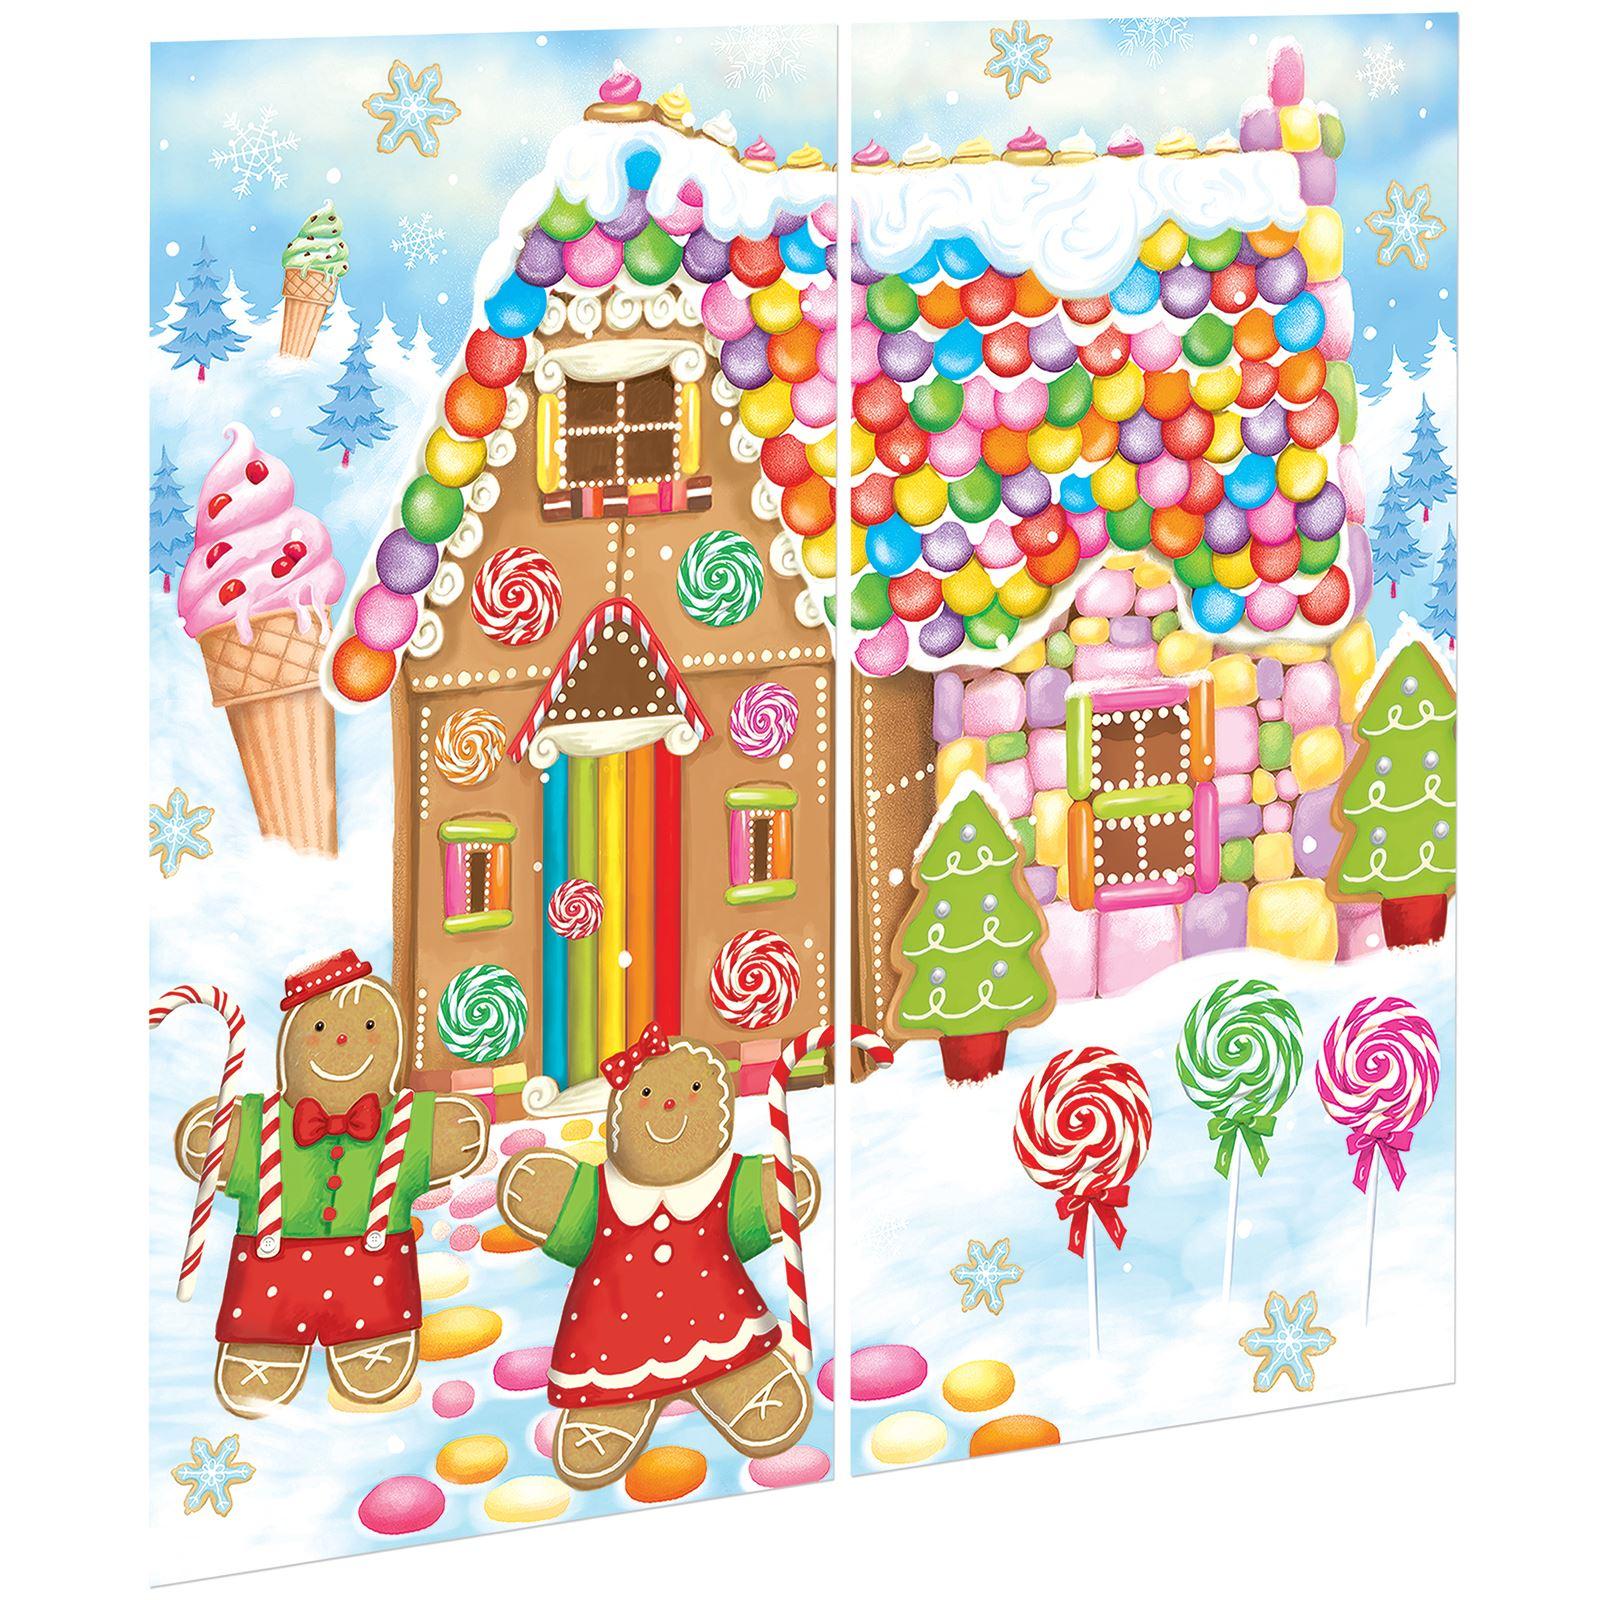 Christmas Scene Setters Australia.Details About Christmas Gingerbread Sweet House Candy Holiday Hansel Gretel Vinyl Scene Setter